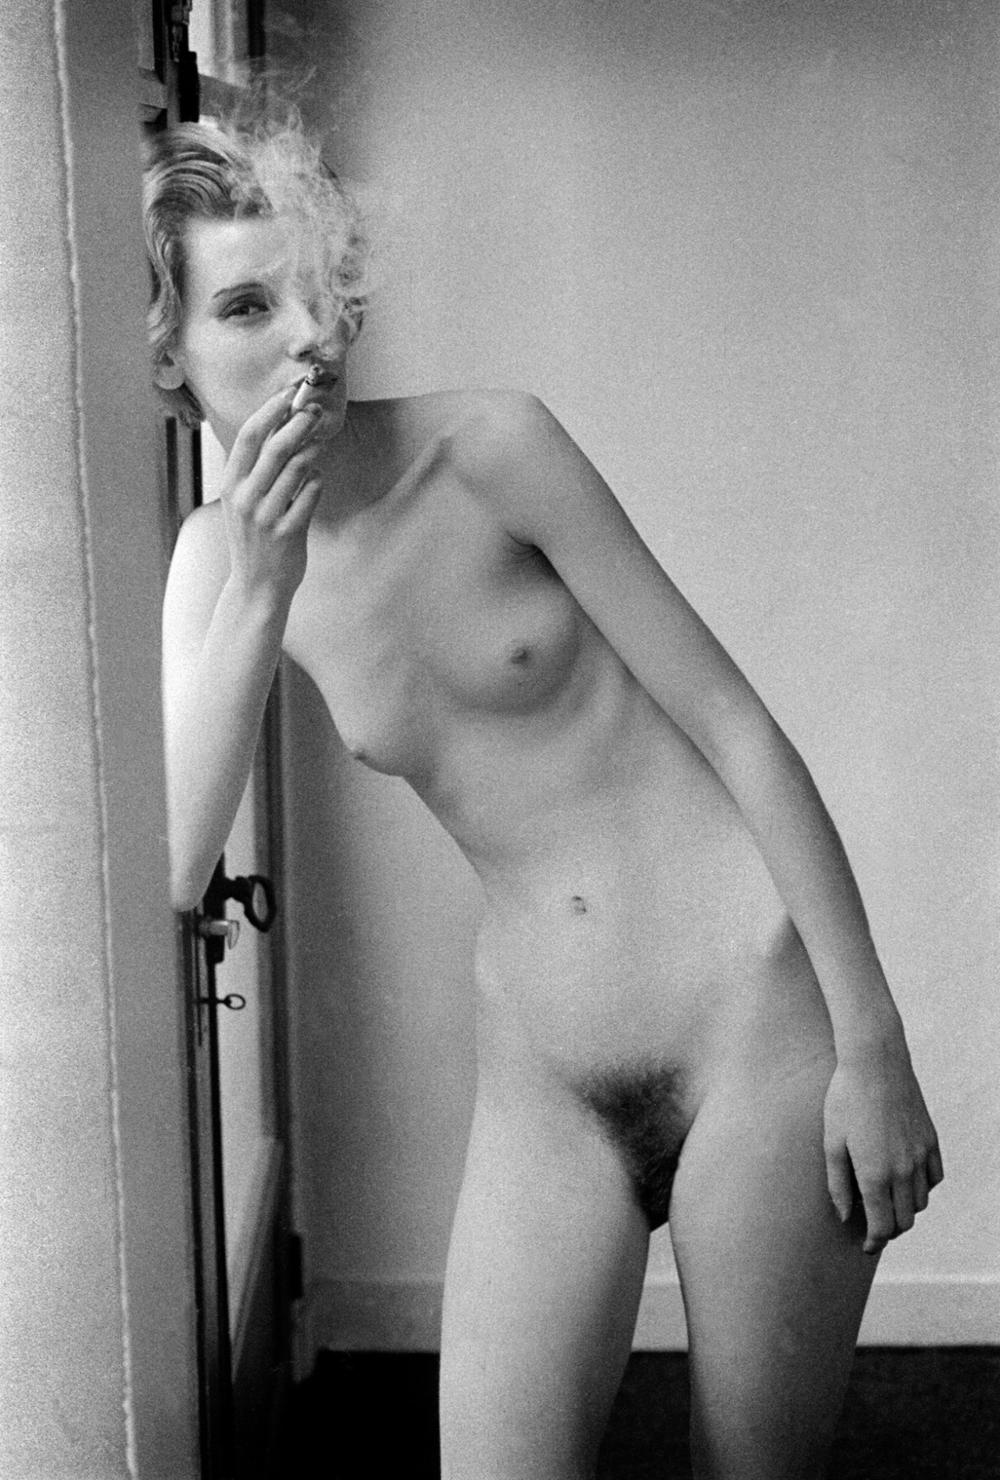 Frank_Horvat-Judy_Dent-Paris-1961-mynudeartrevolution.jpg